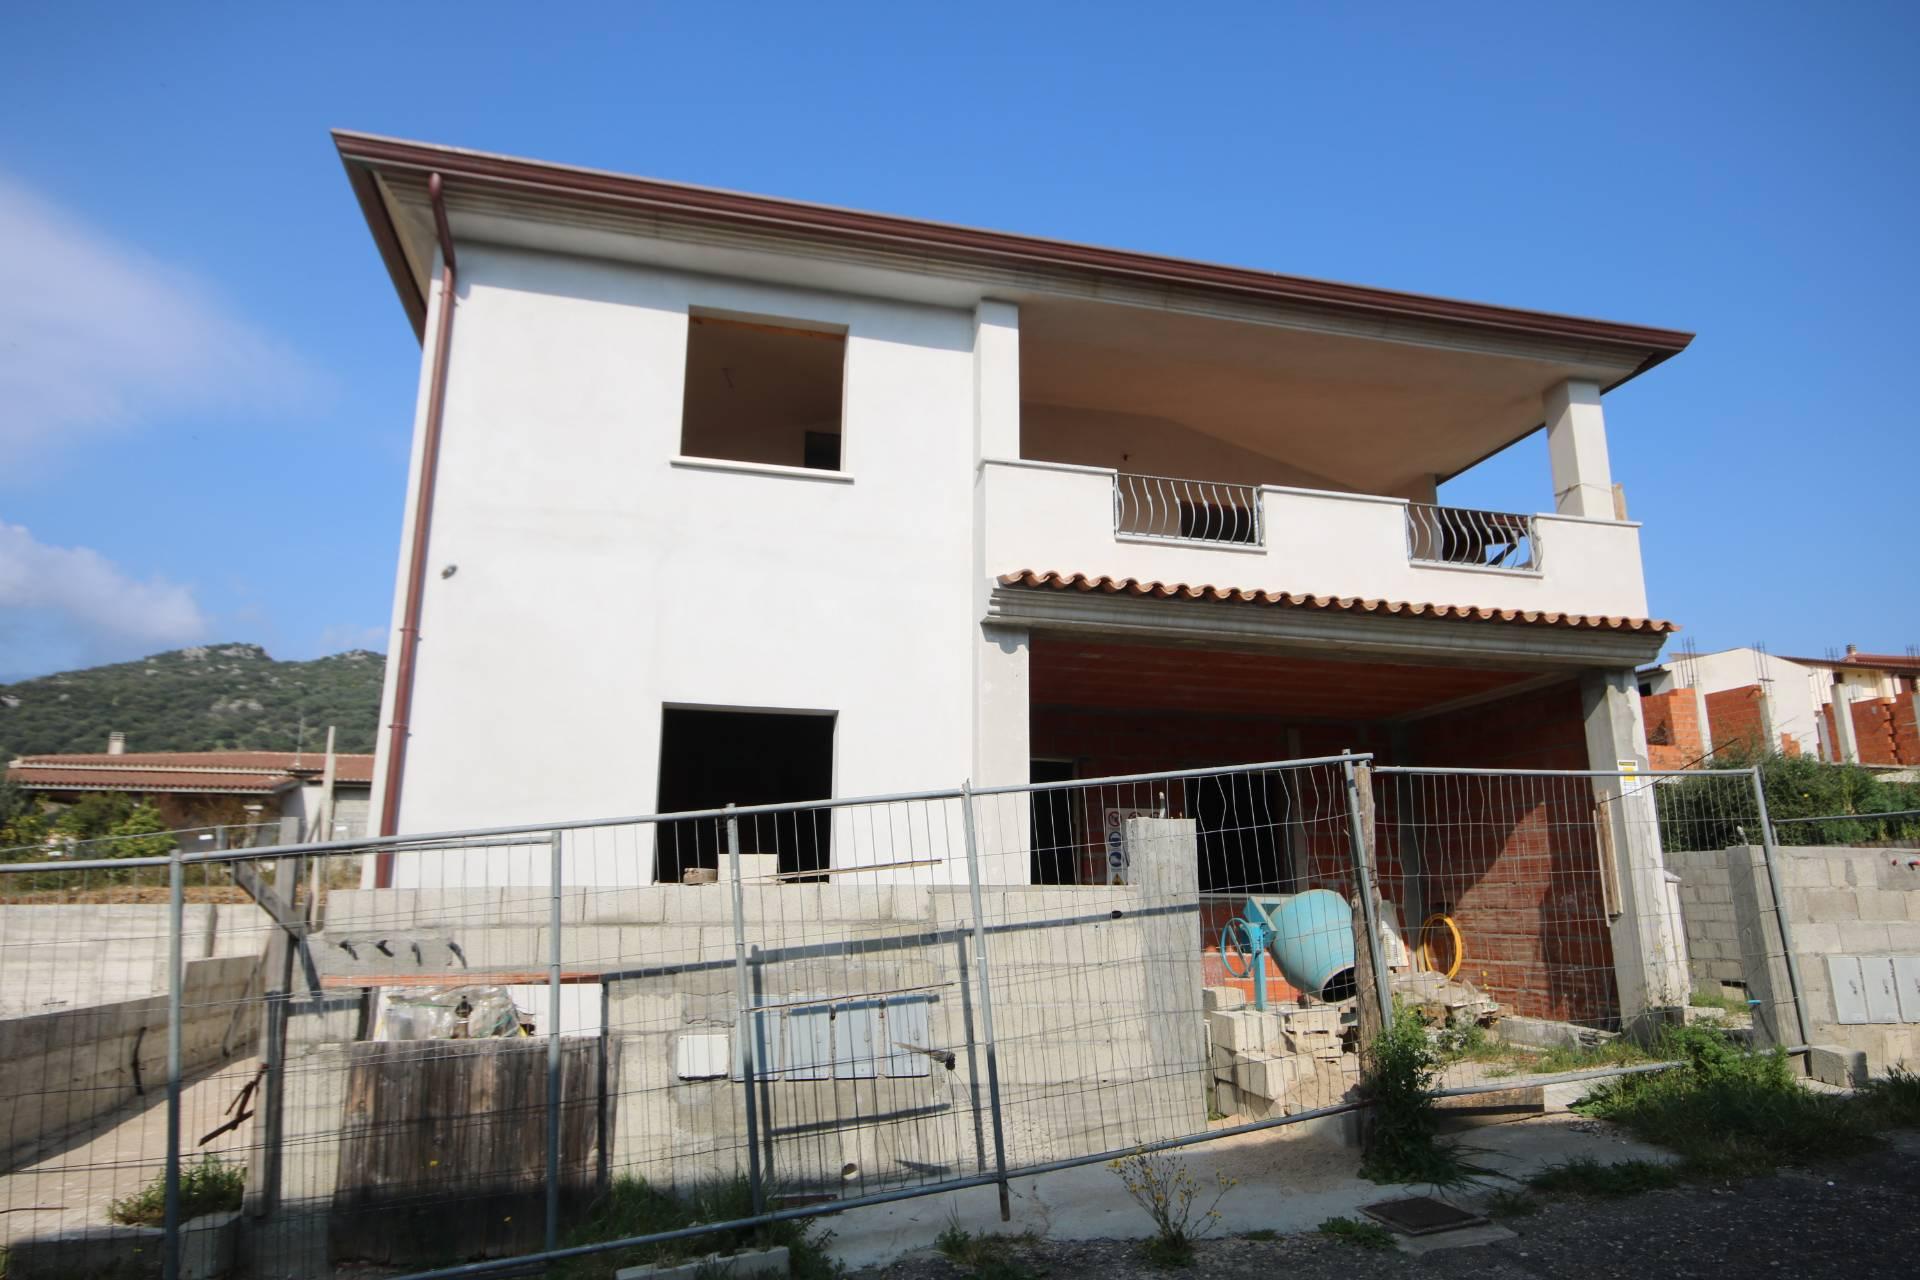 Appartamento in vendita a Siniscola, 3 locali, prezzo € 150.000 | PortaleAgenzieImmobiliari.it